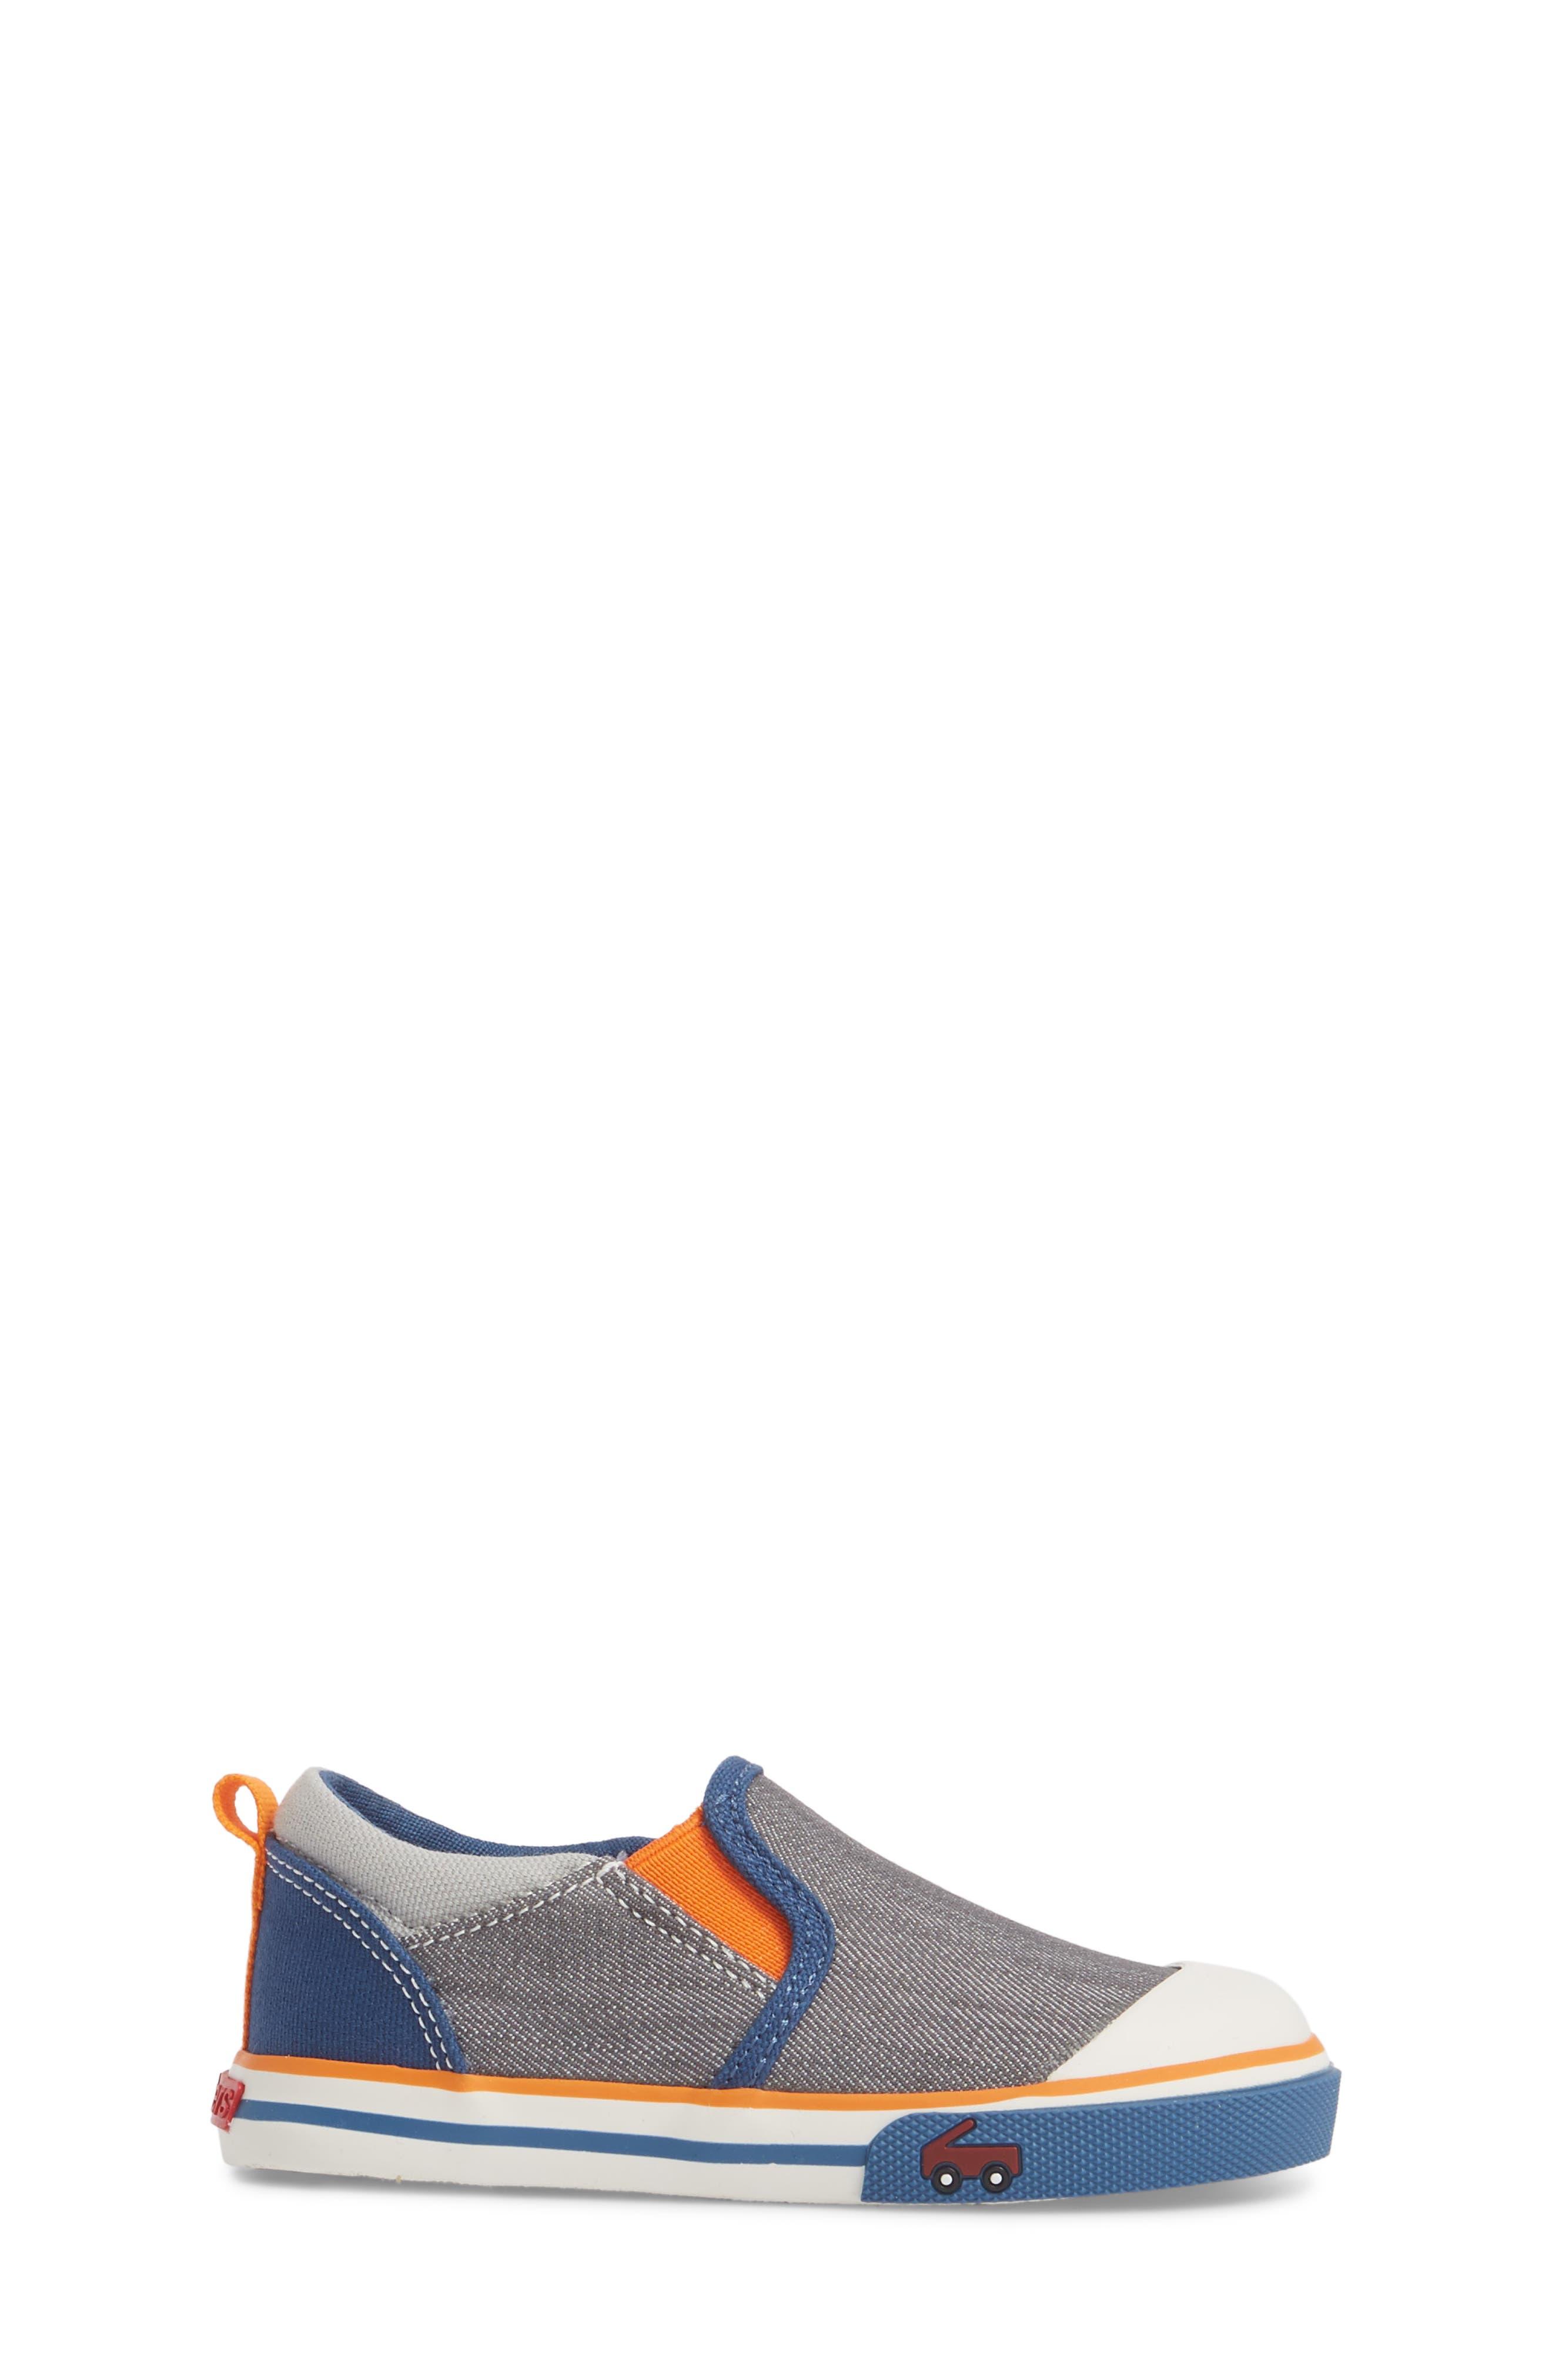 Slater Colorblock Slip-On Sneaker,                             Alternate thumbnail 3, color,                             Gray/ Blue